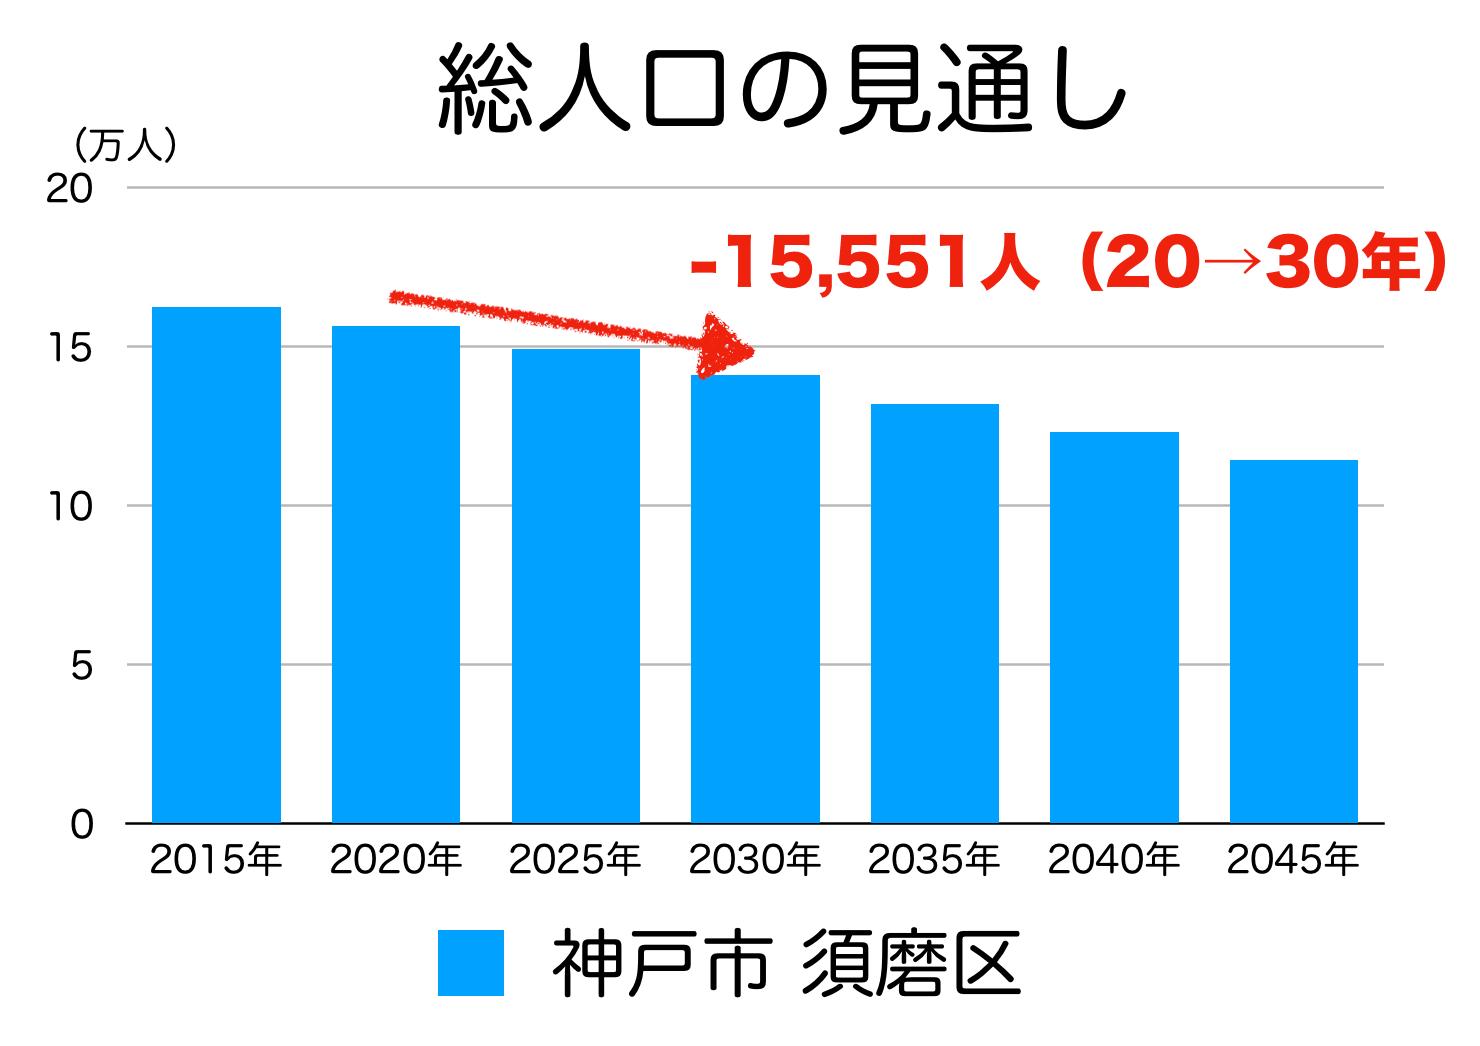 神戸市須磨区の人口予測